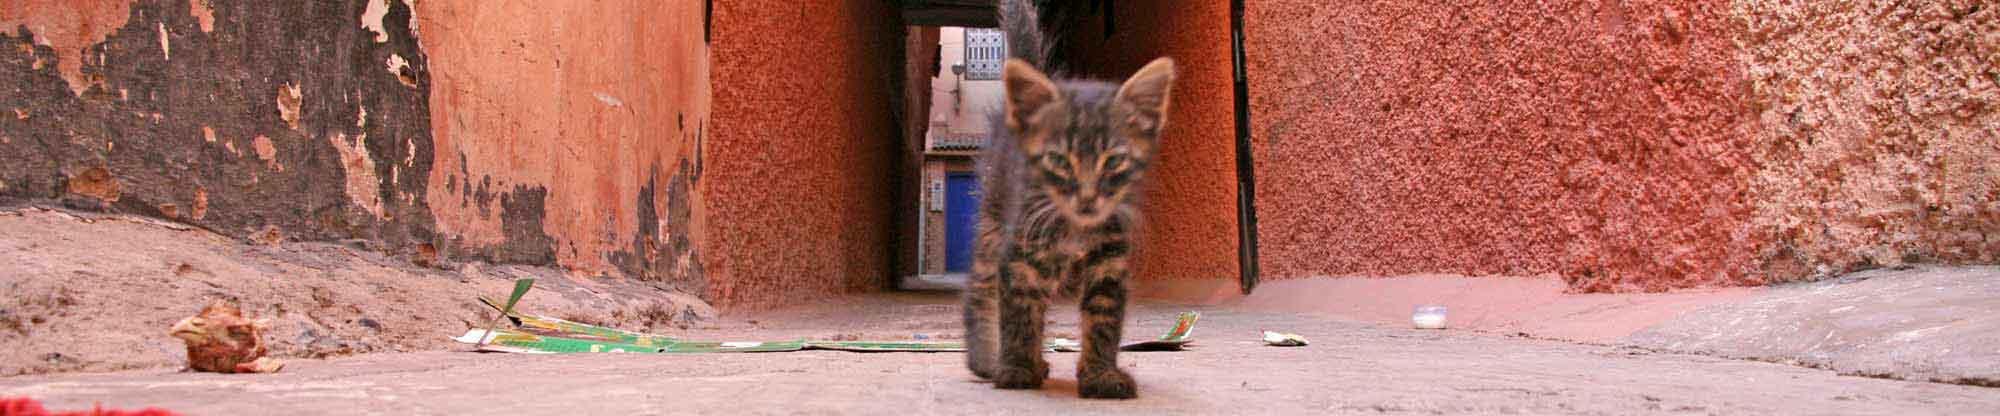 marrakech-katze-blaue_tuer